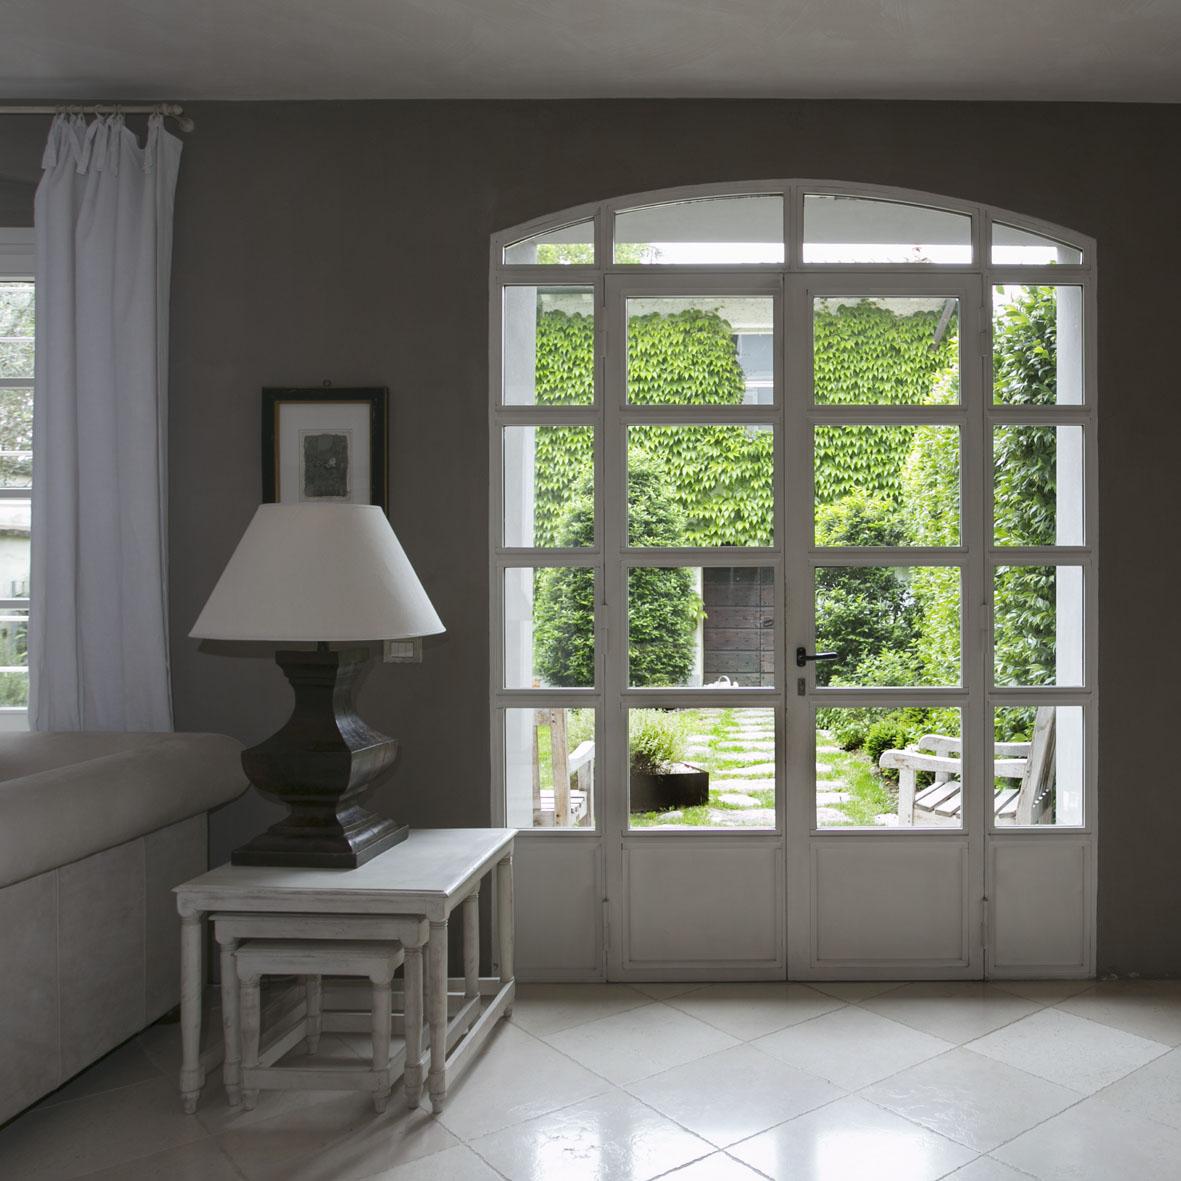 Interior - 12